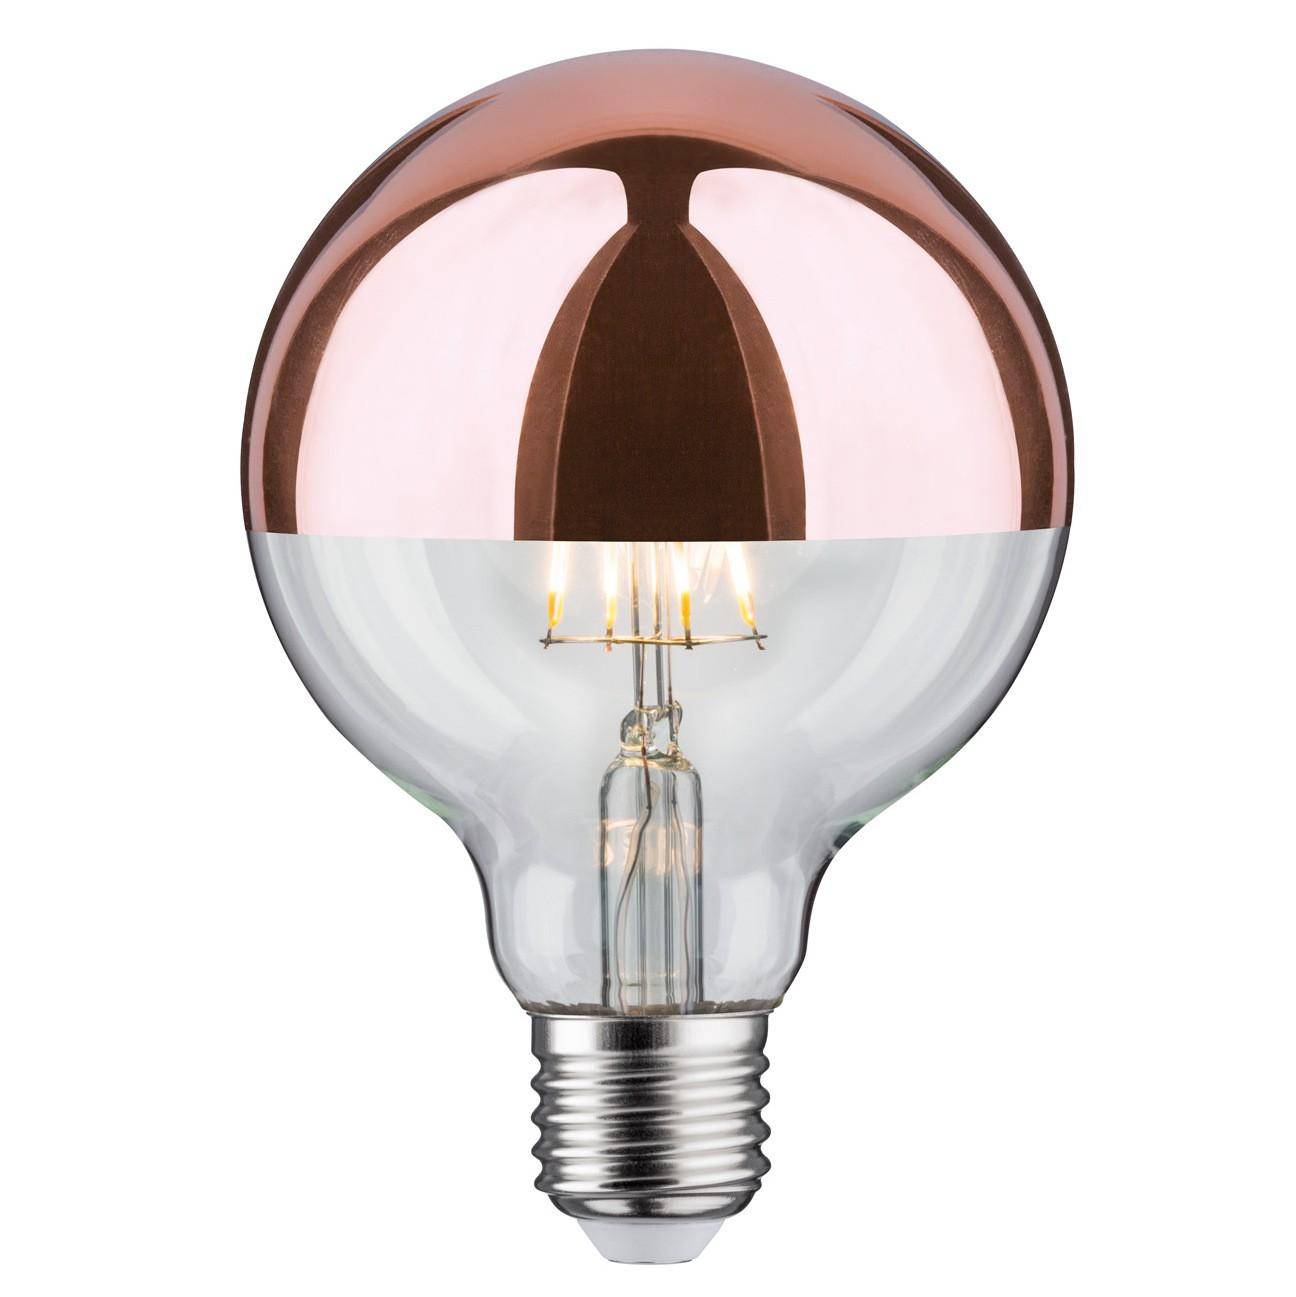 Ampoule LED Globe Calotte cuivre 7.5 W - Paulmann   Comptoir des Lustres